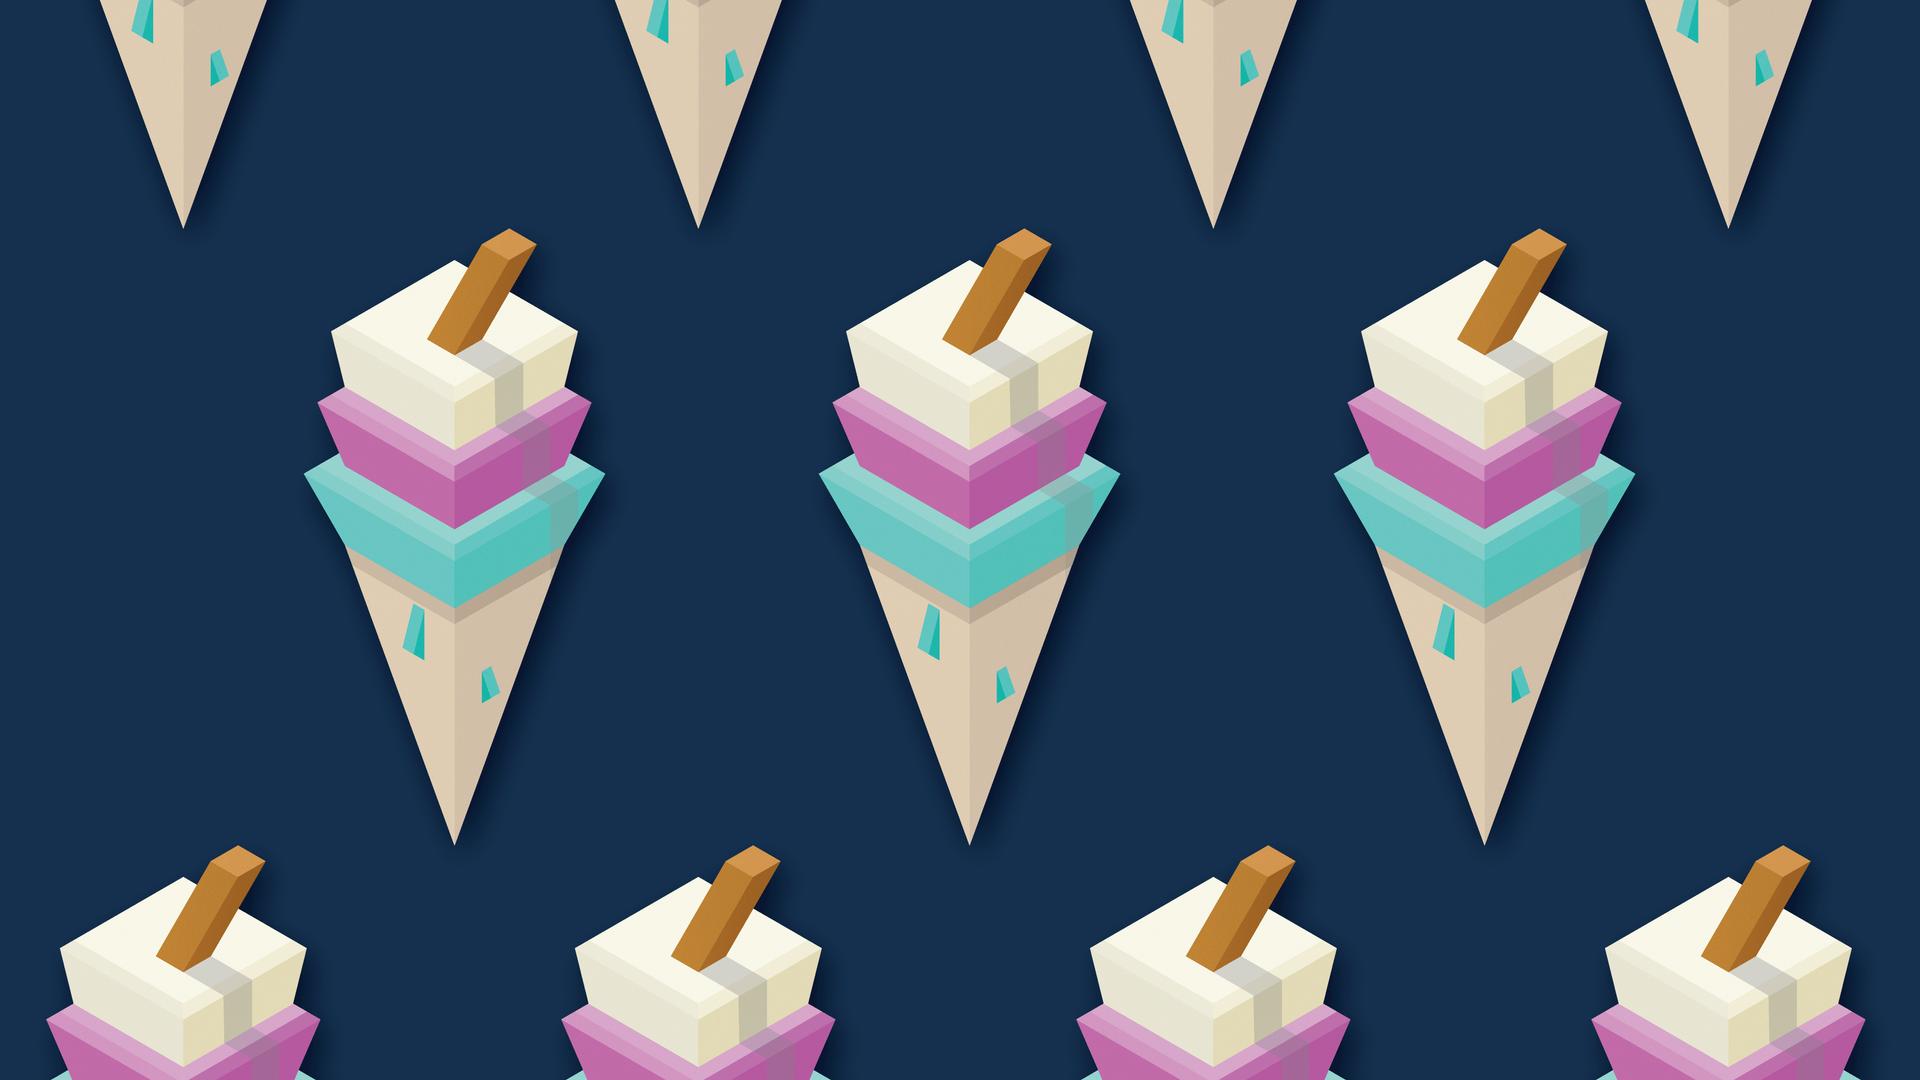 Polygon Ice Creams_3x.png